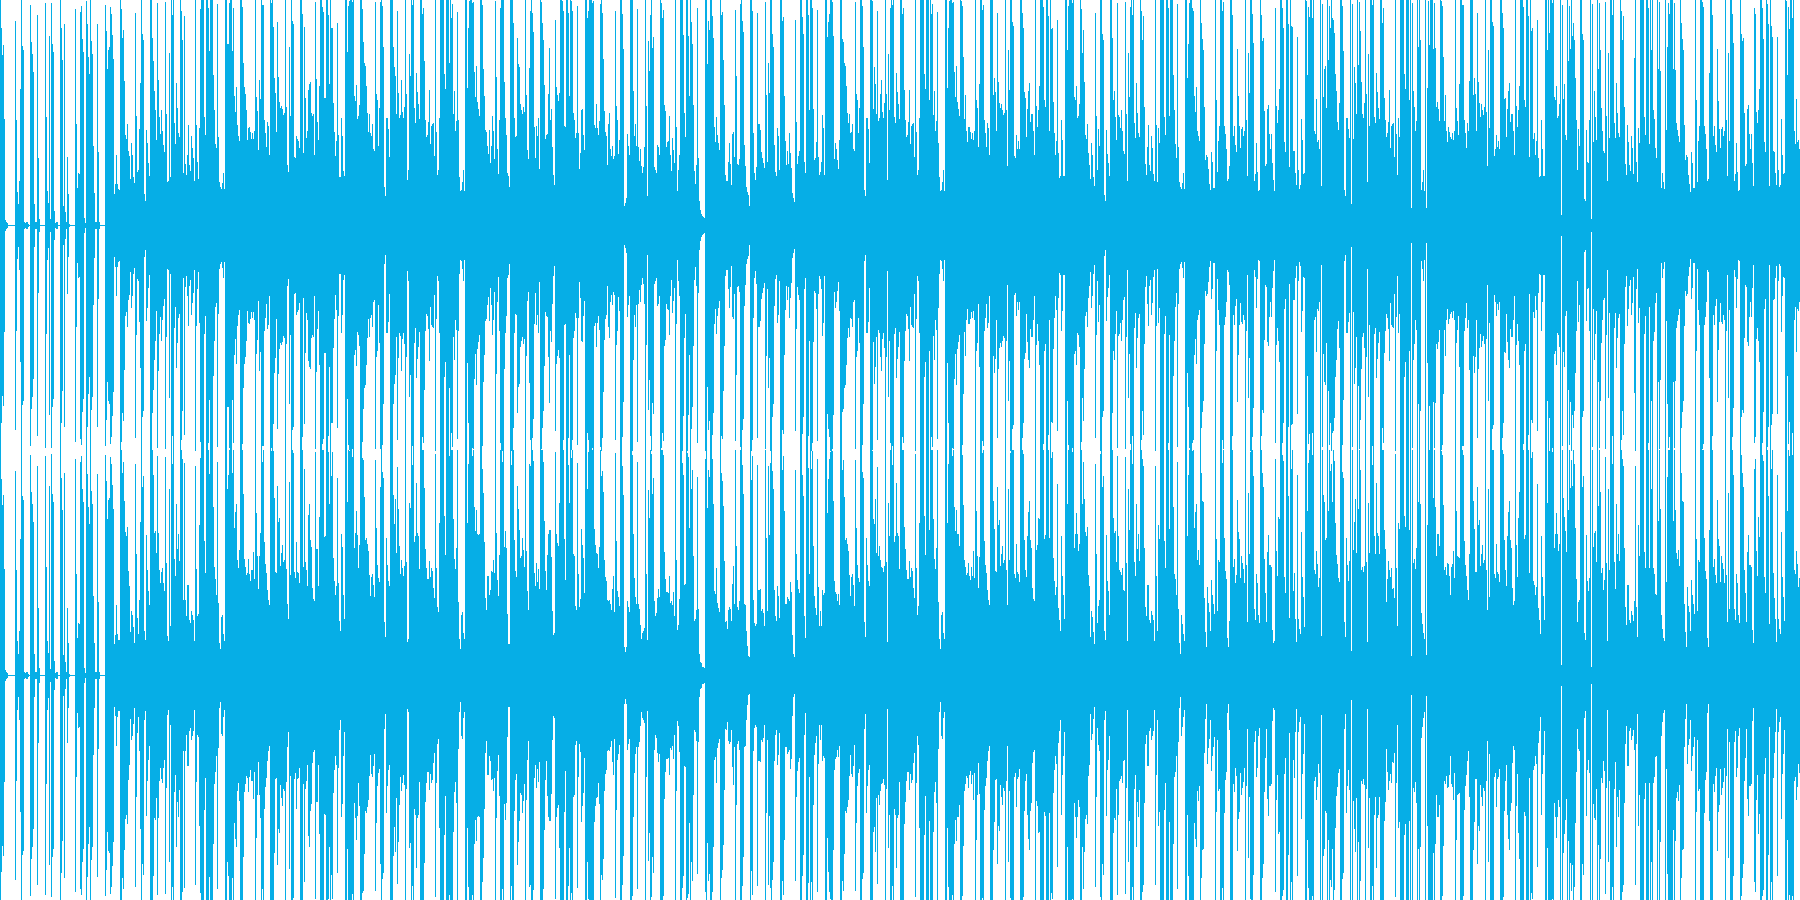 和風なダンスナンバーの再生済みの波形